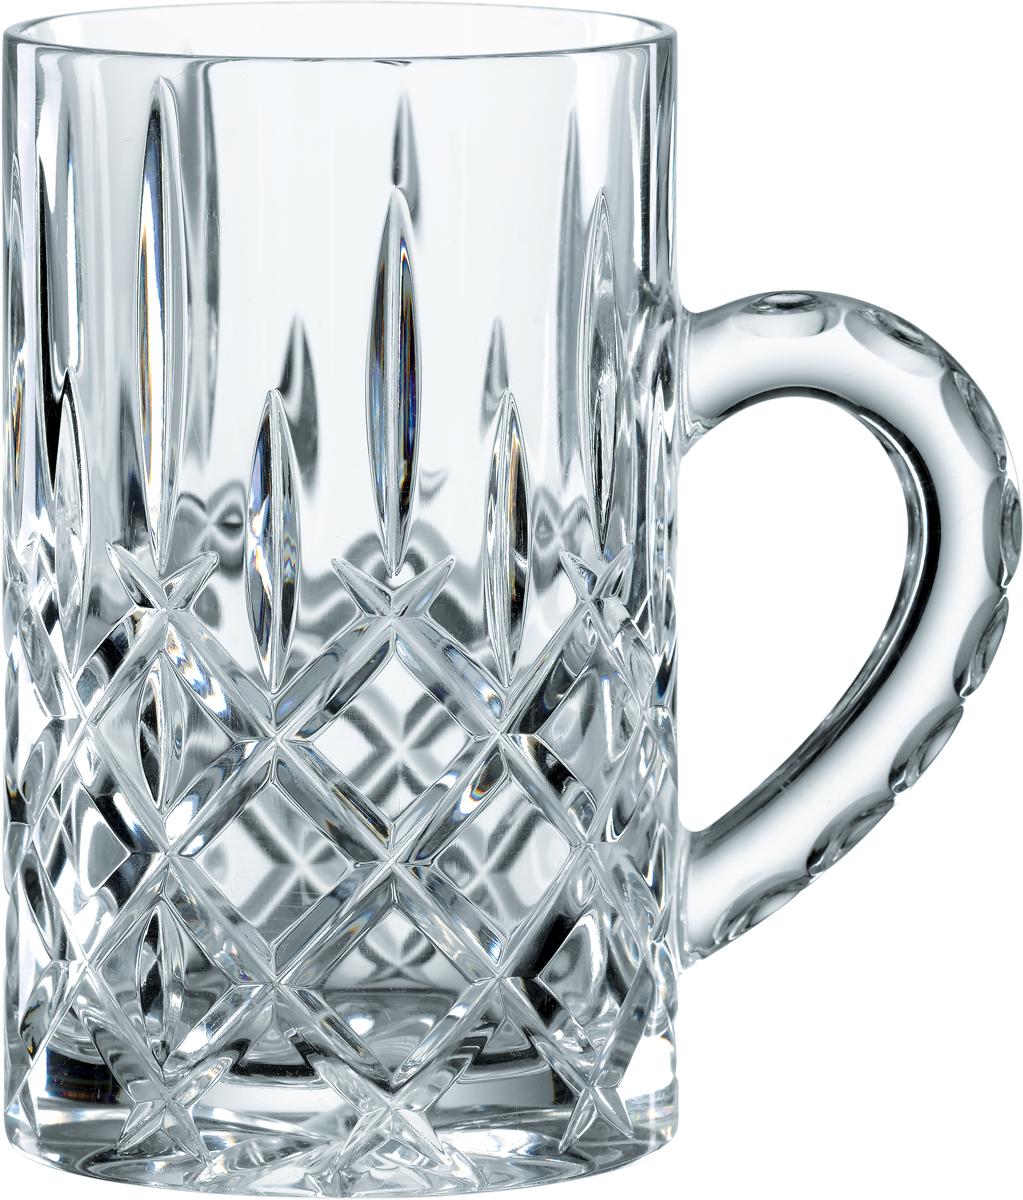 Набор кружек Nachtmann Noblesse, 250 мл, 2 шт98855Набор кружек Nachtmann Noblesse, выполненный из прозрачного бессвинцового хрусталя сузором, привлекает внимание классическим сдержанным дизайном и идеально подходит длямногих напитков. Изысканный хрусталь послужит украшением бара и будет великолепносмотреться на праздничном столе.